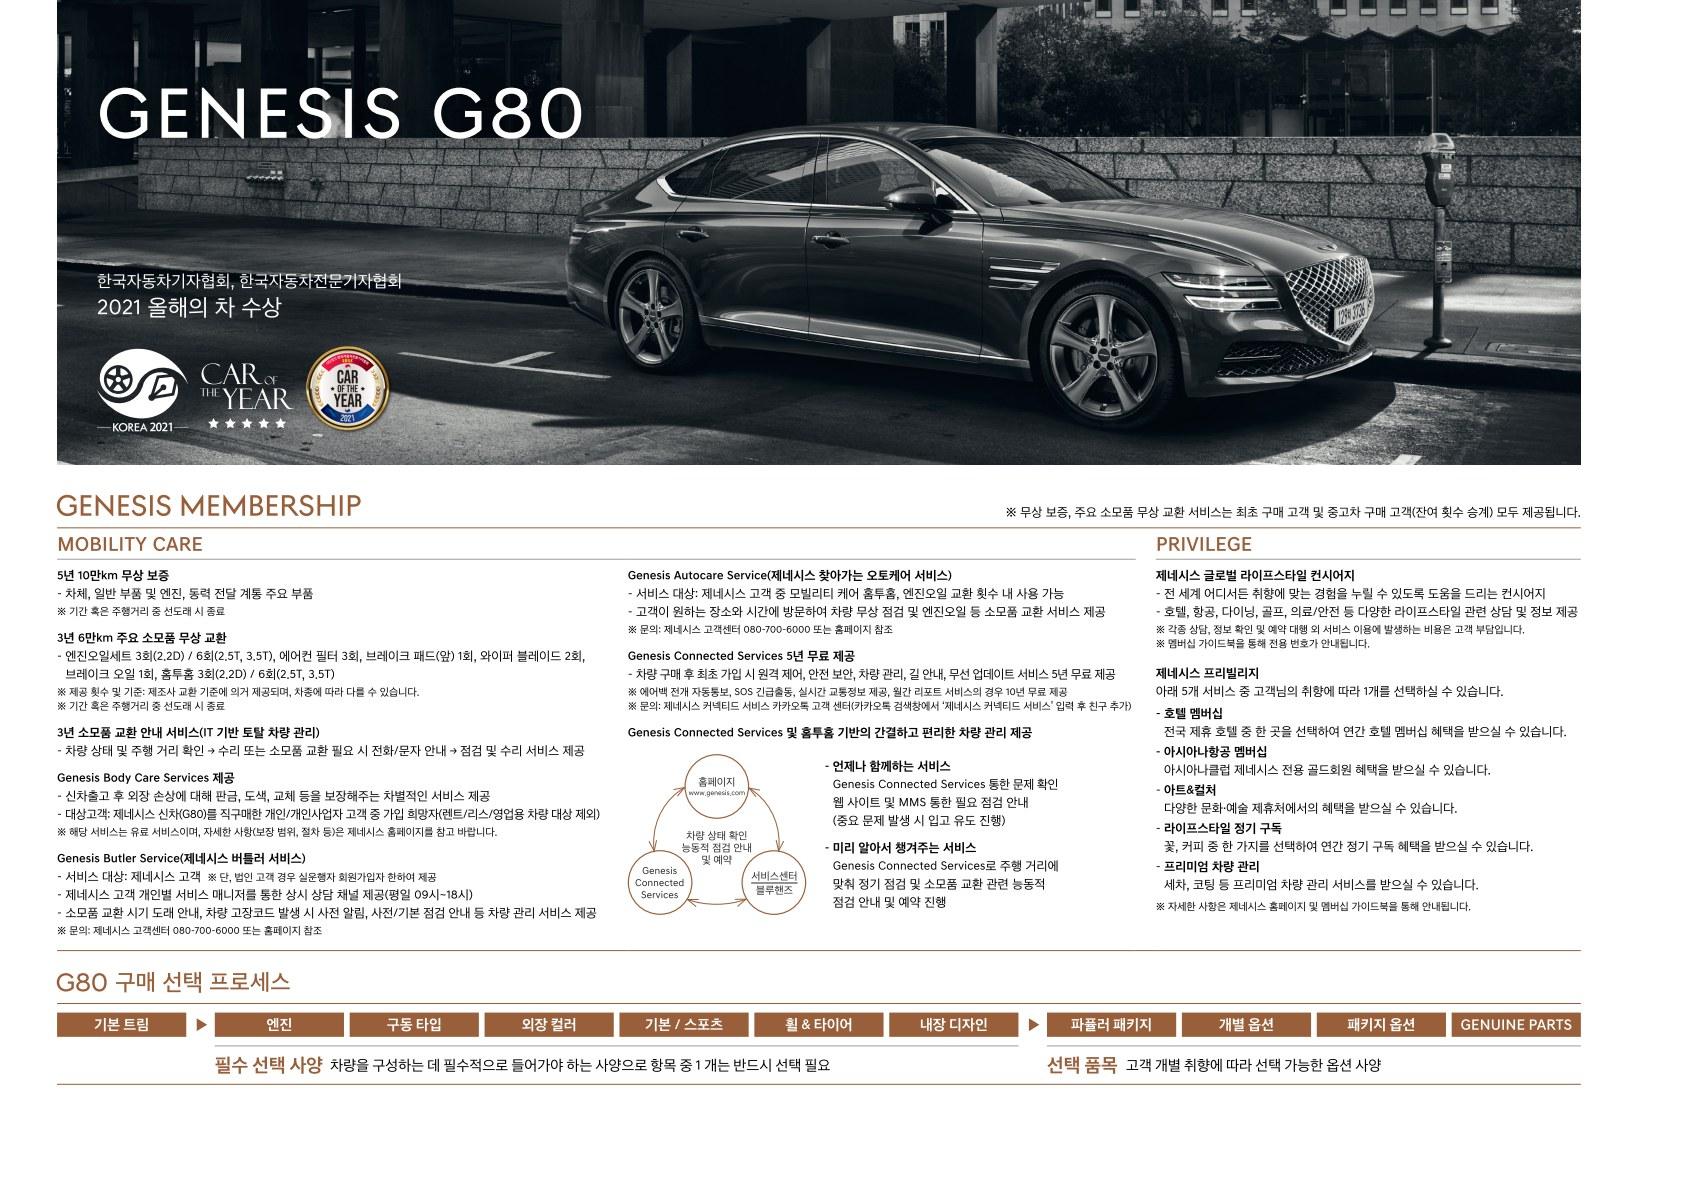 genesis-g80-22my-pricelist-kor-202108-2_01.jpg